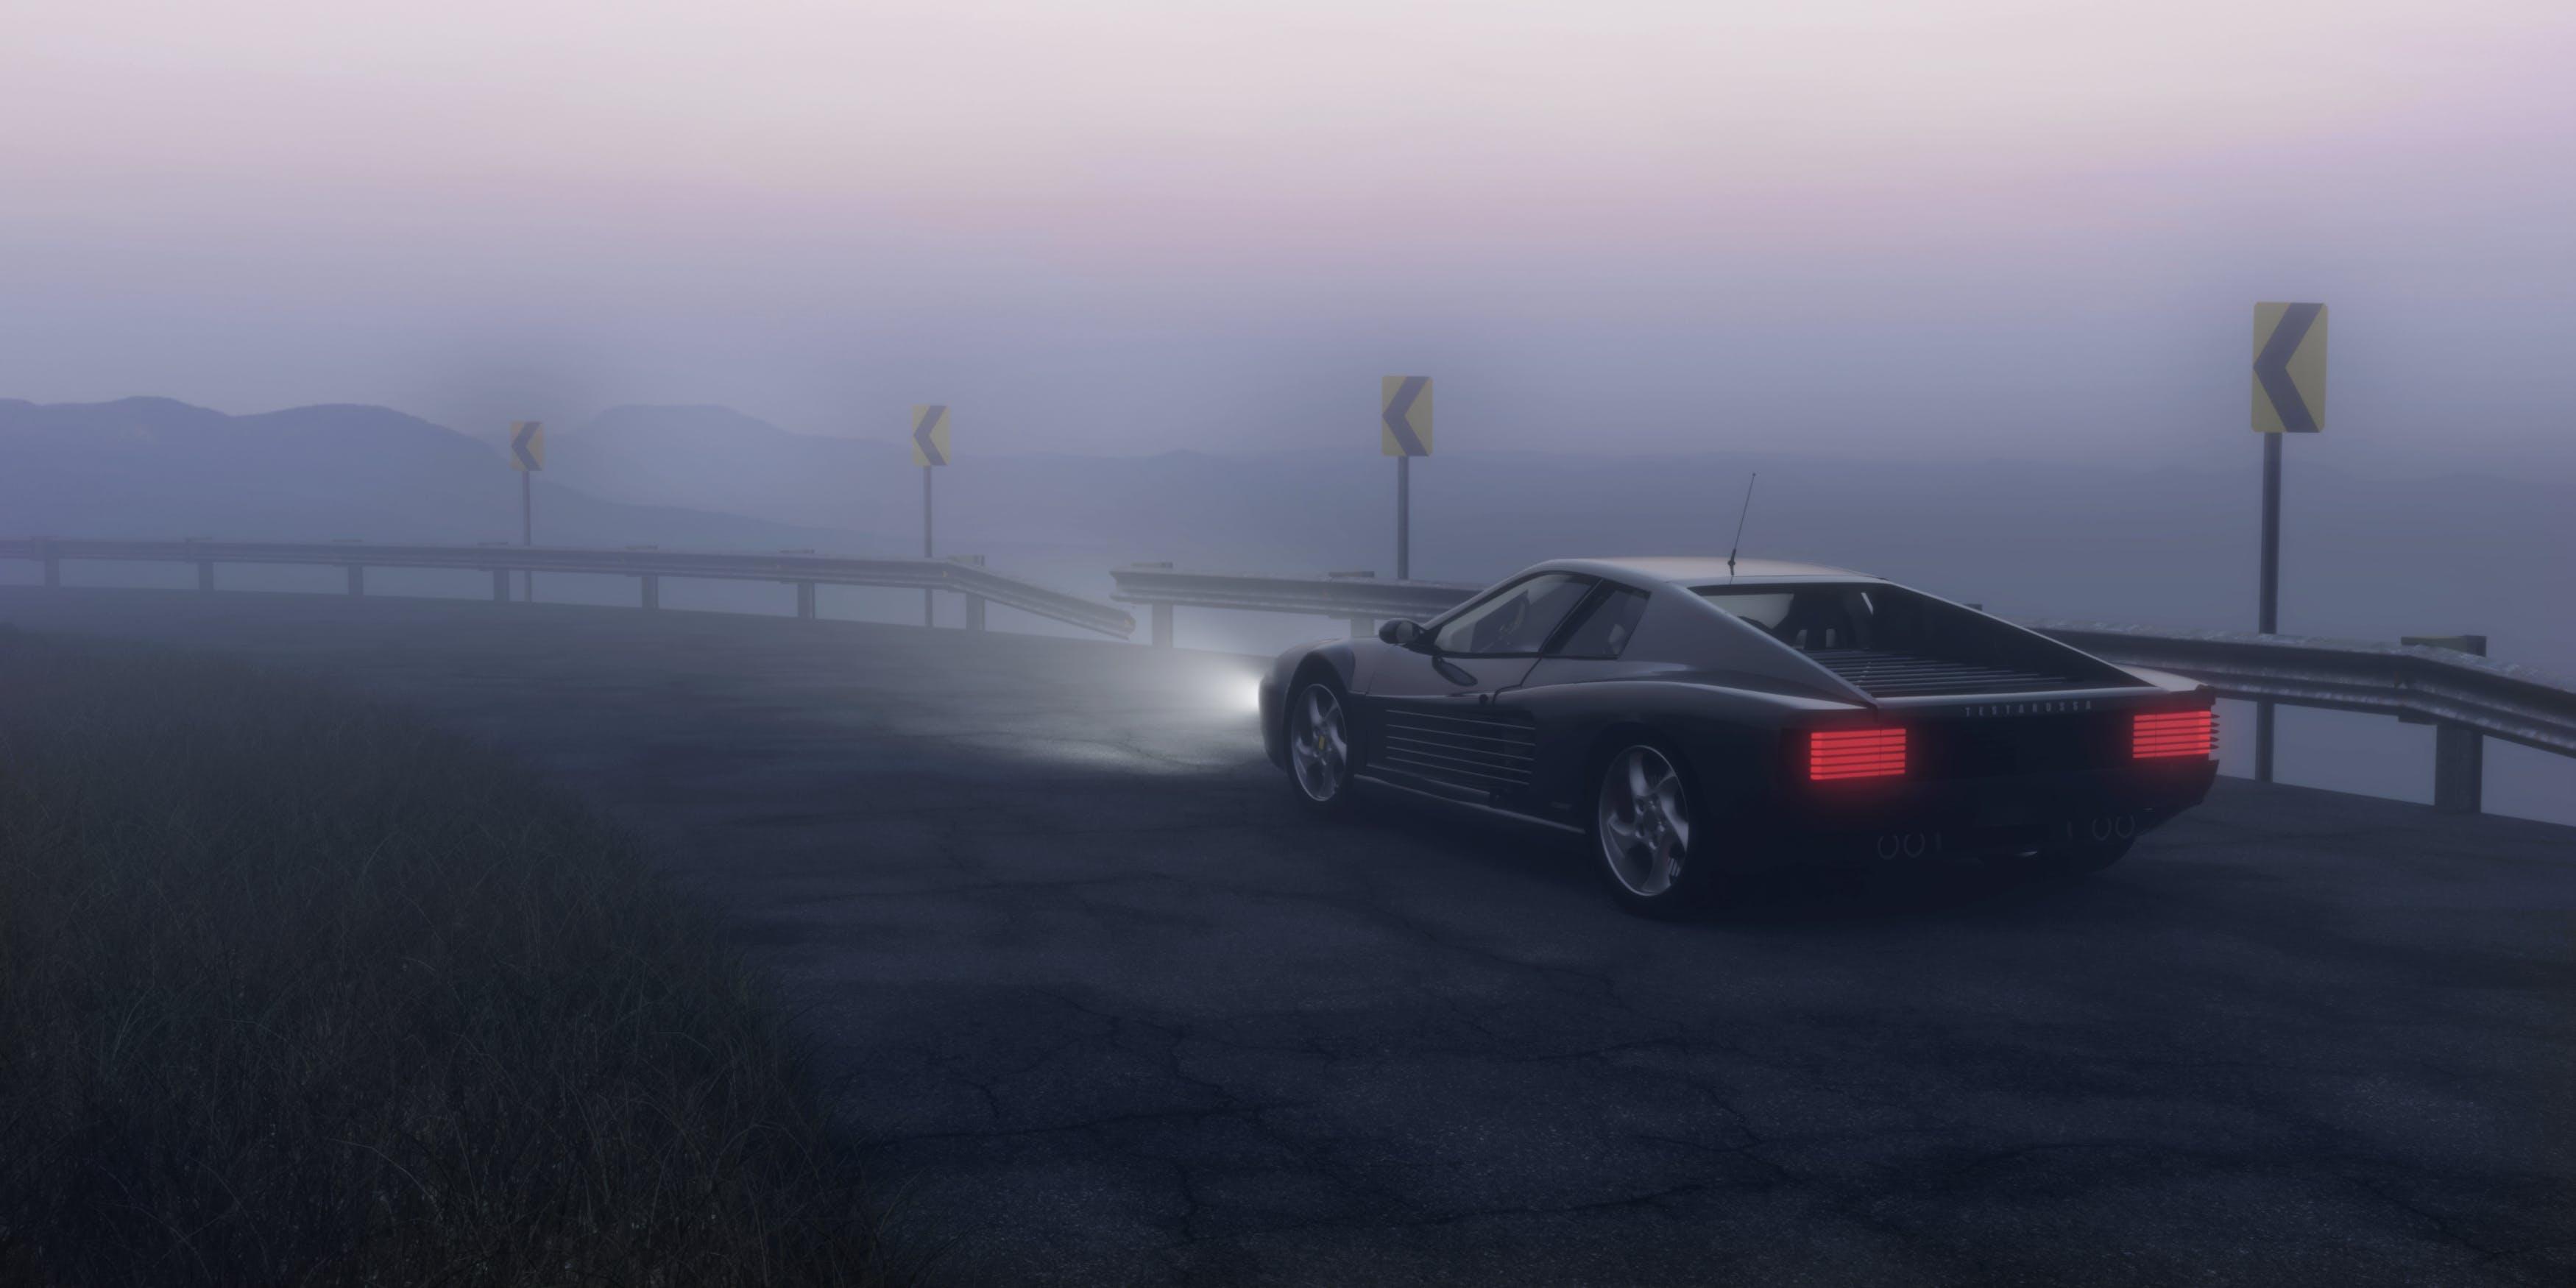 akce, asfalt, auto